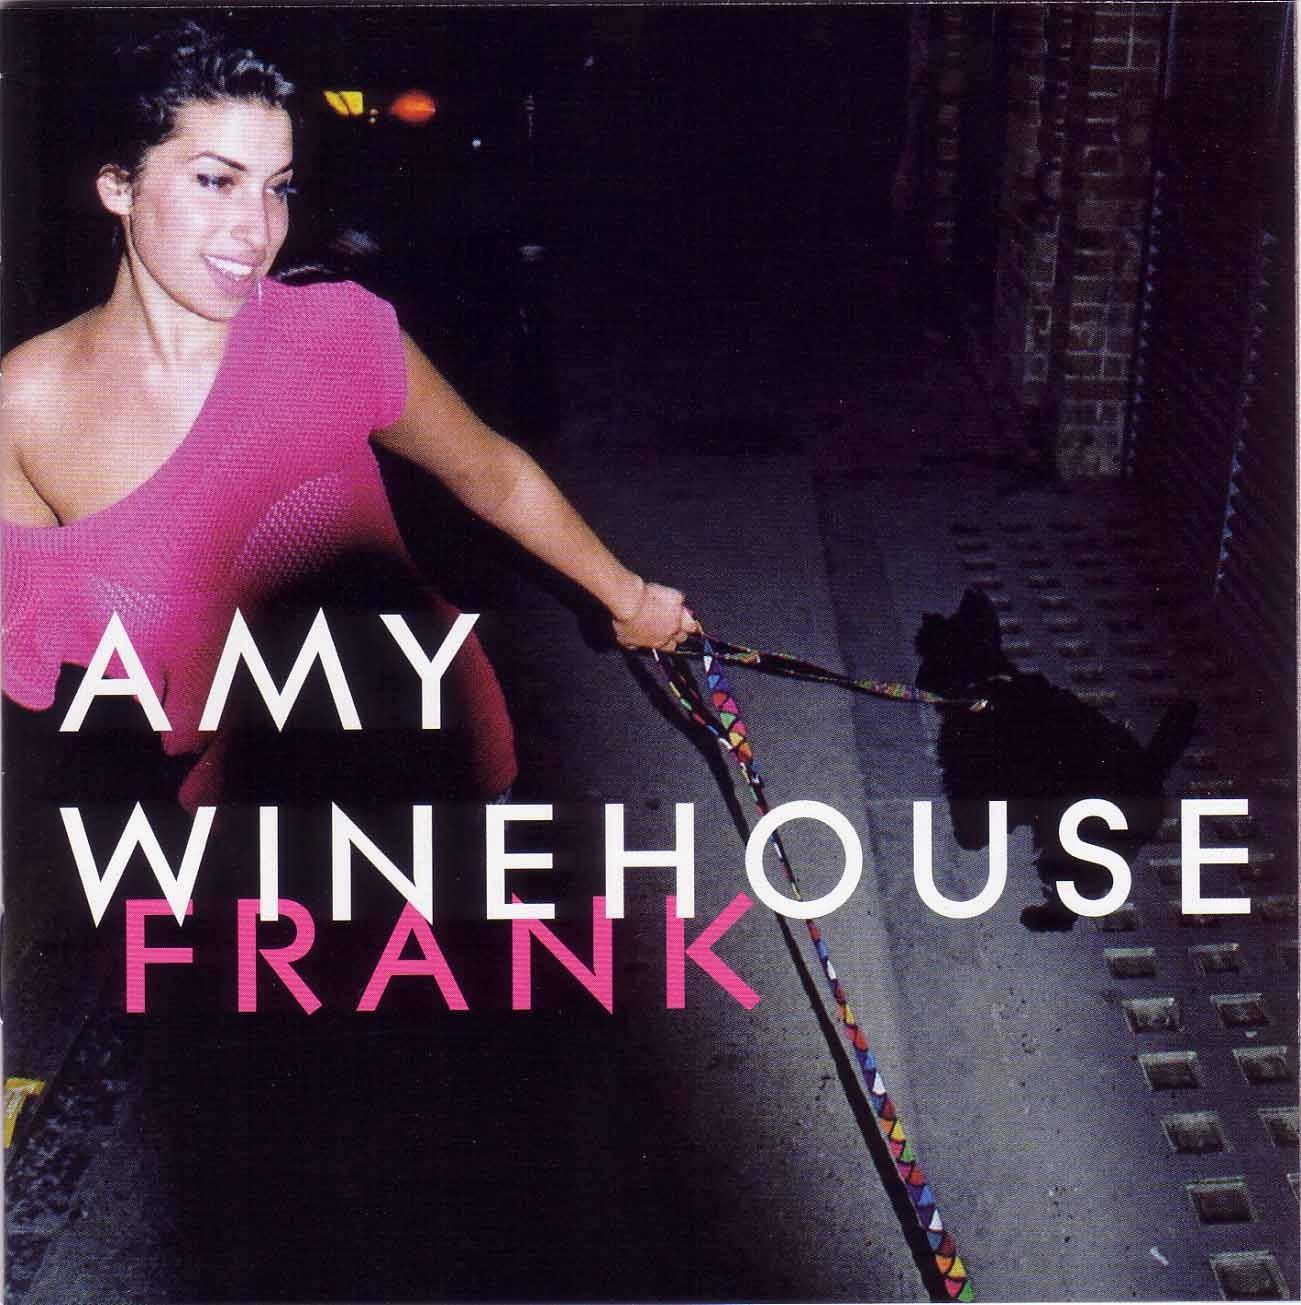 http://2.bp.blogspot.com/-NxzCPFsJ15w/UBBPDnVydPI/AAAAAAAAAGQ/BJiwnBKEIow/s1600/%5BAllCDCovers%5D_amy_winehouse_frank_2003_retail_cd-front.jpg